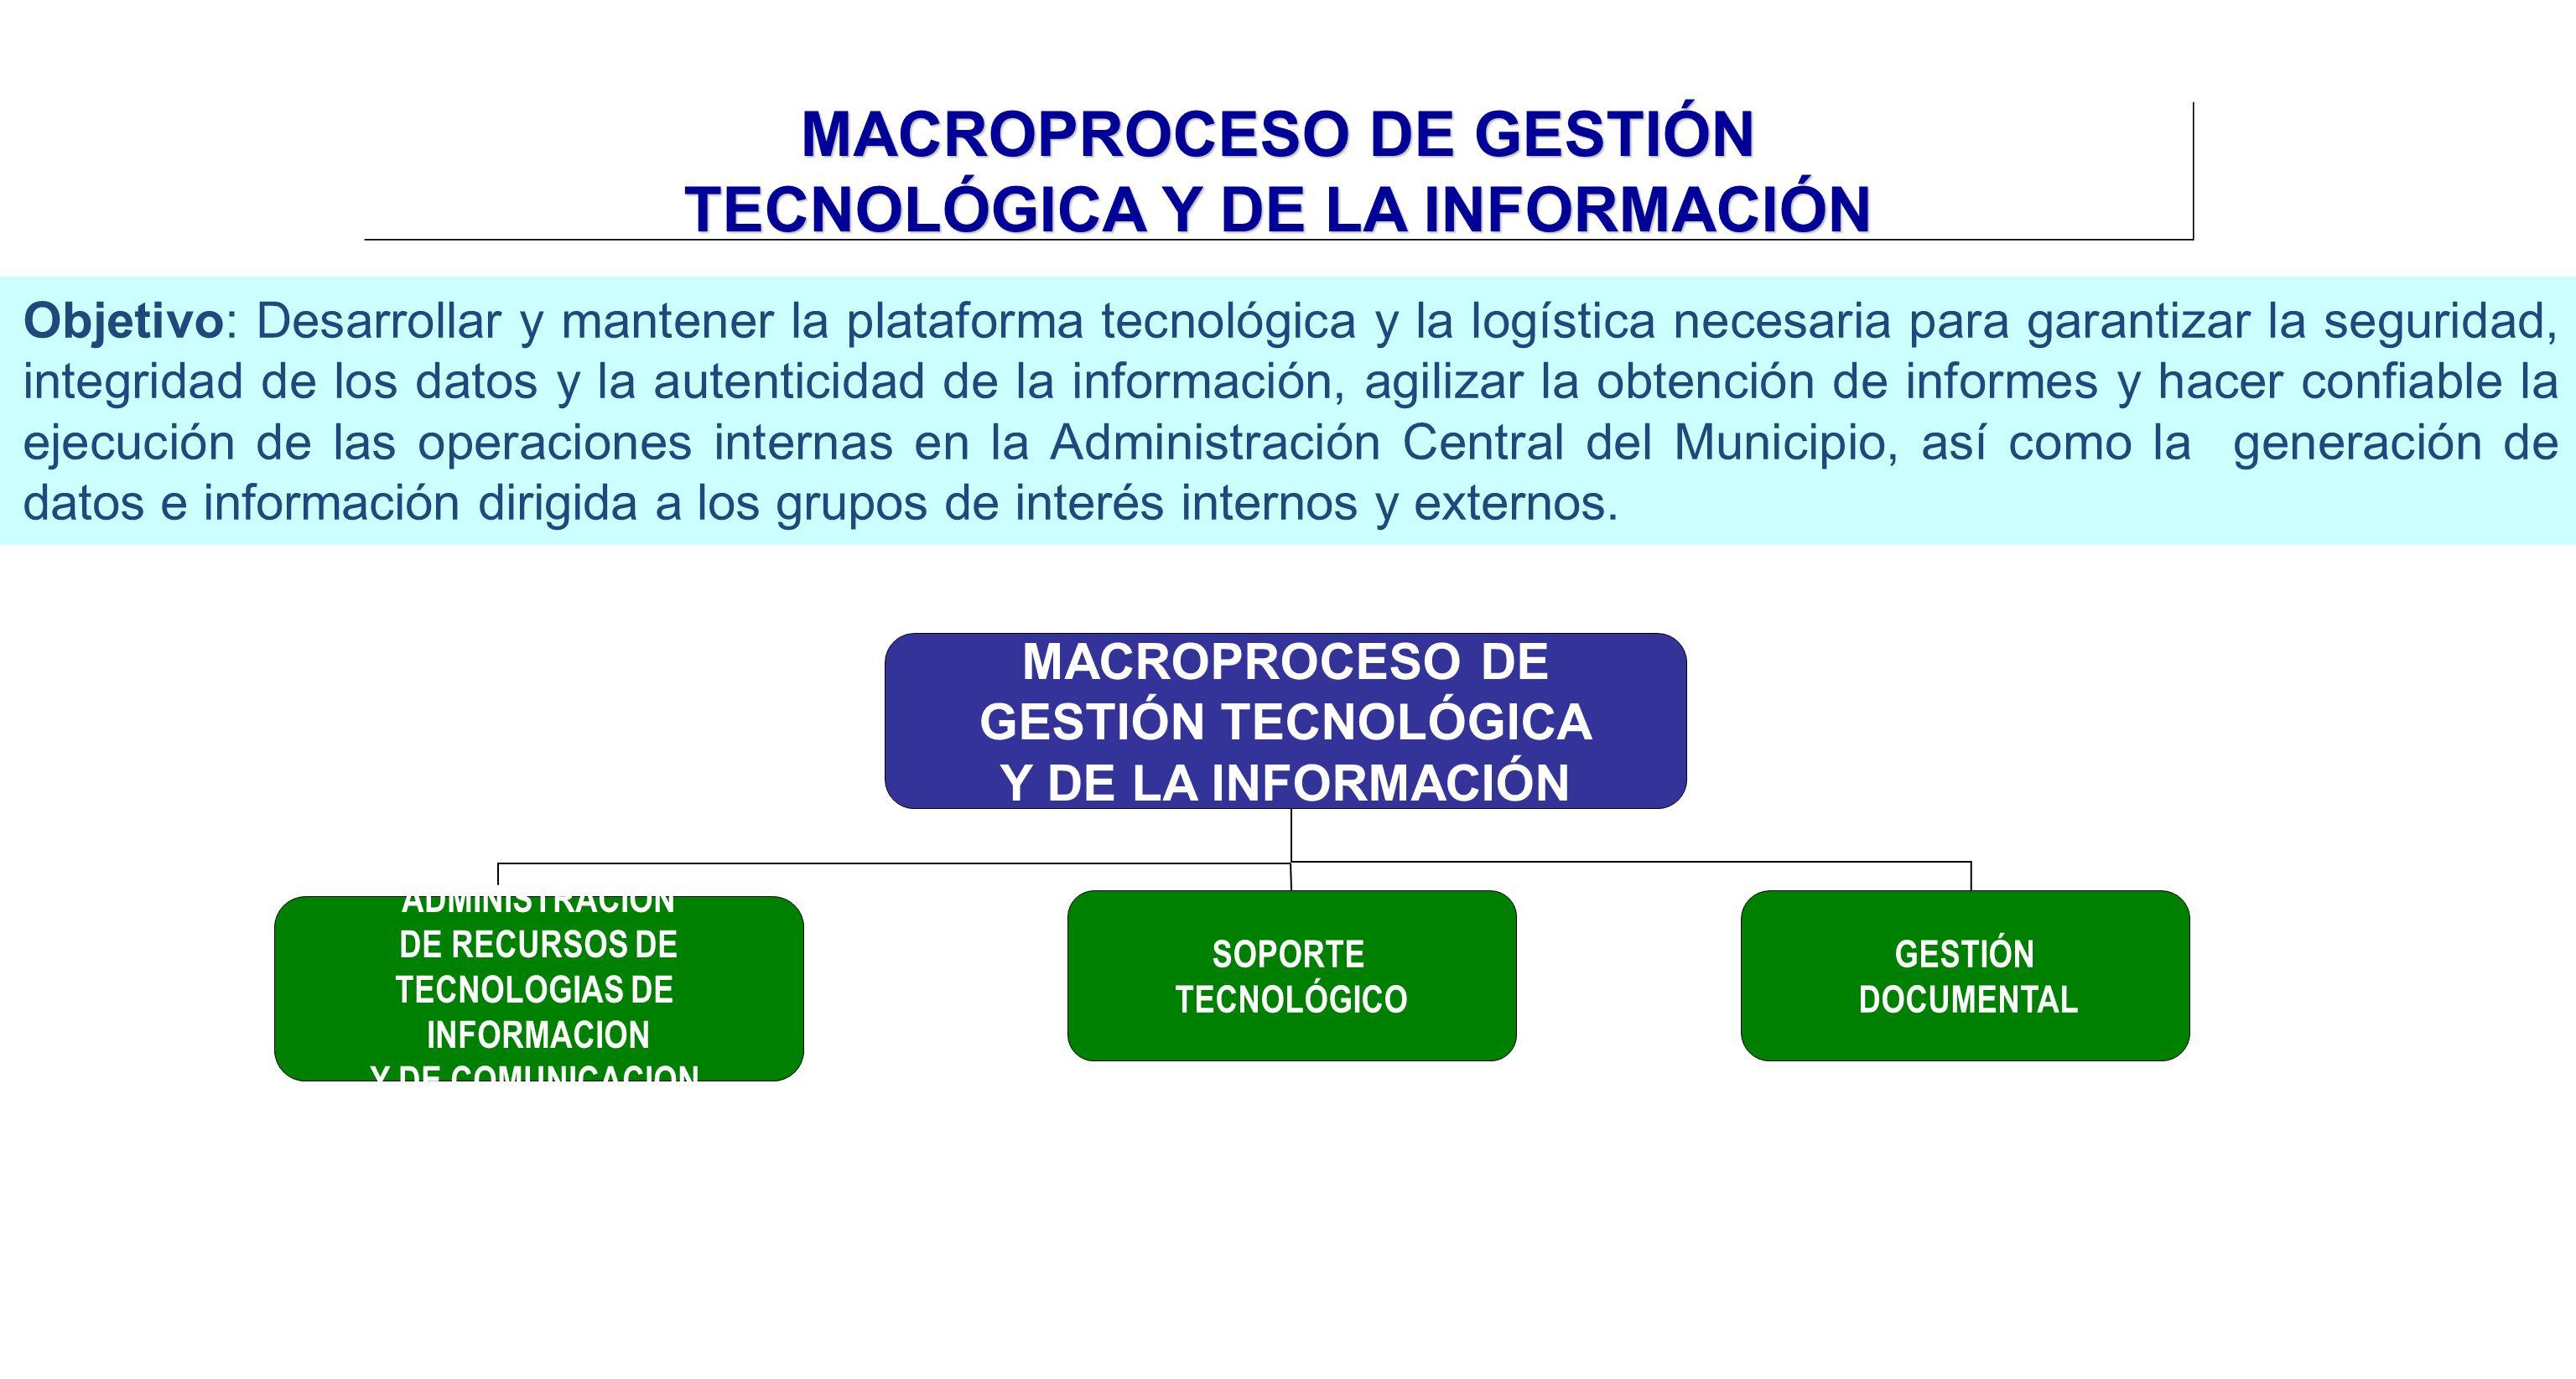 MACROPROCESO DE GESTIÓN TECNOLÓGICA Y DE LA INFORMACIÓN ADMINISTRACIÓN DE RECURSOS DE TECNOLOGIAS DE INFORMACION Y DE COMUNICACION SOPORTE TECNOLÓGICO